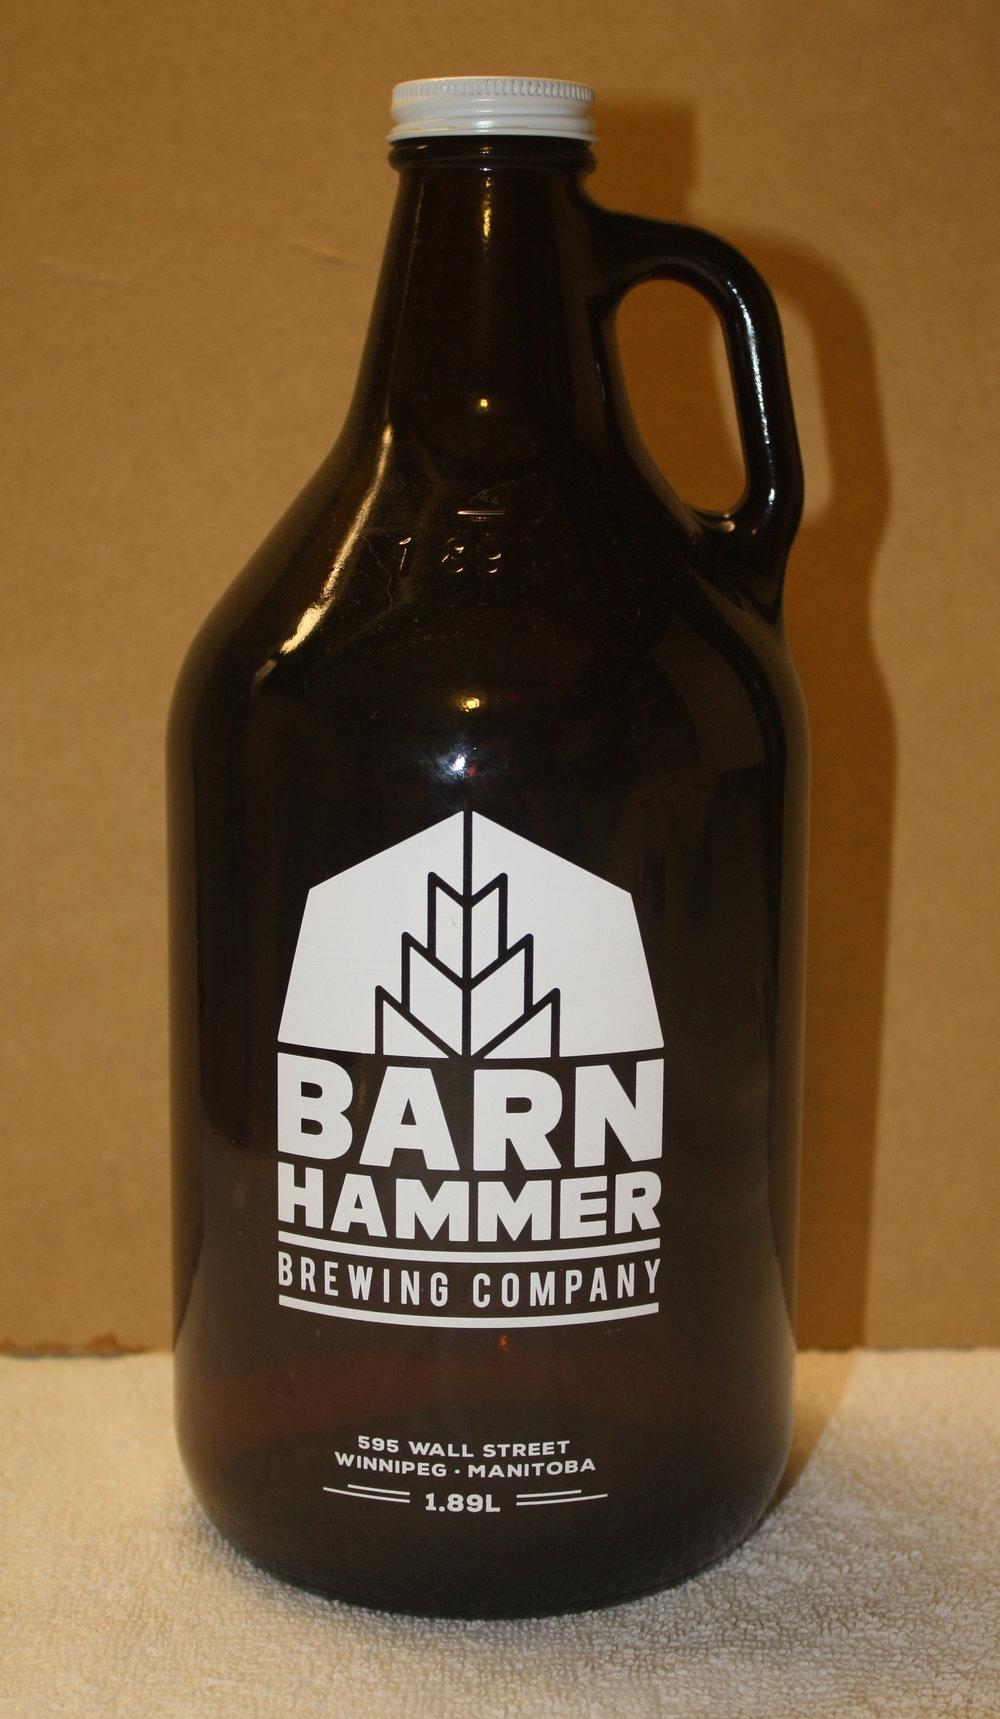 Barn Hammer Brewing Co (MB)